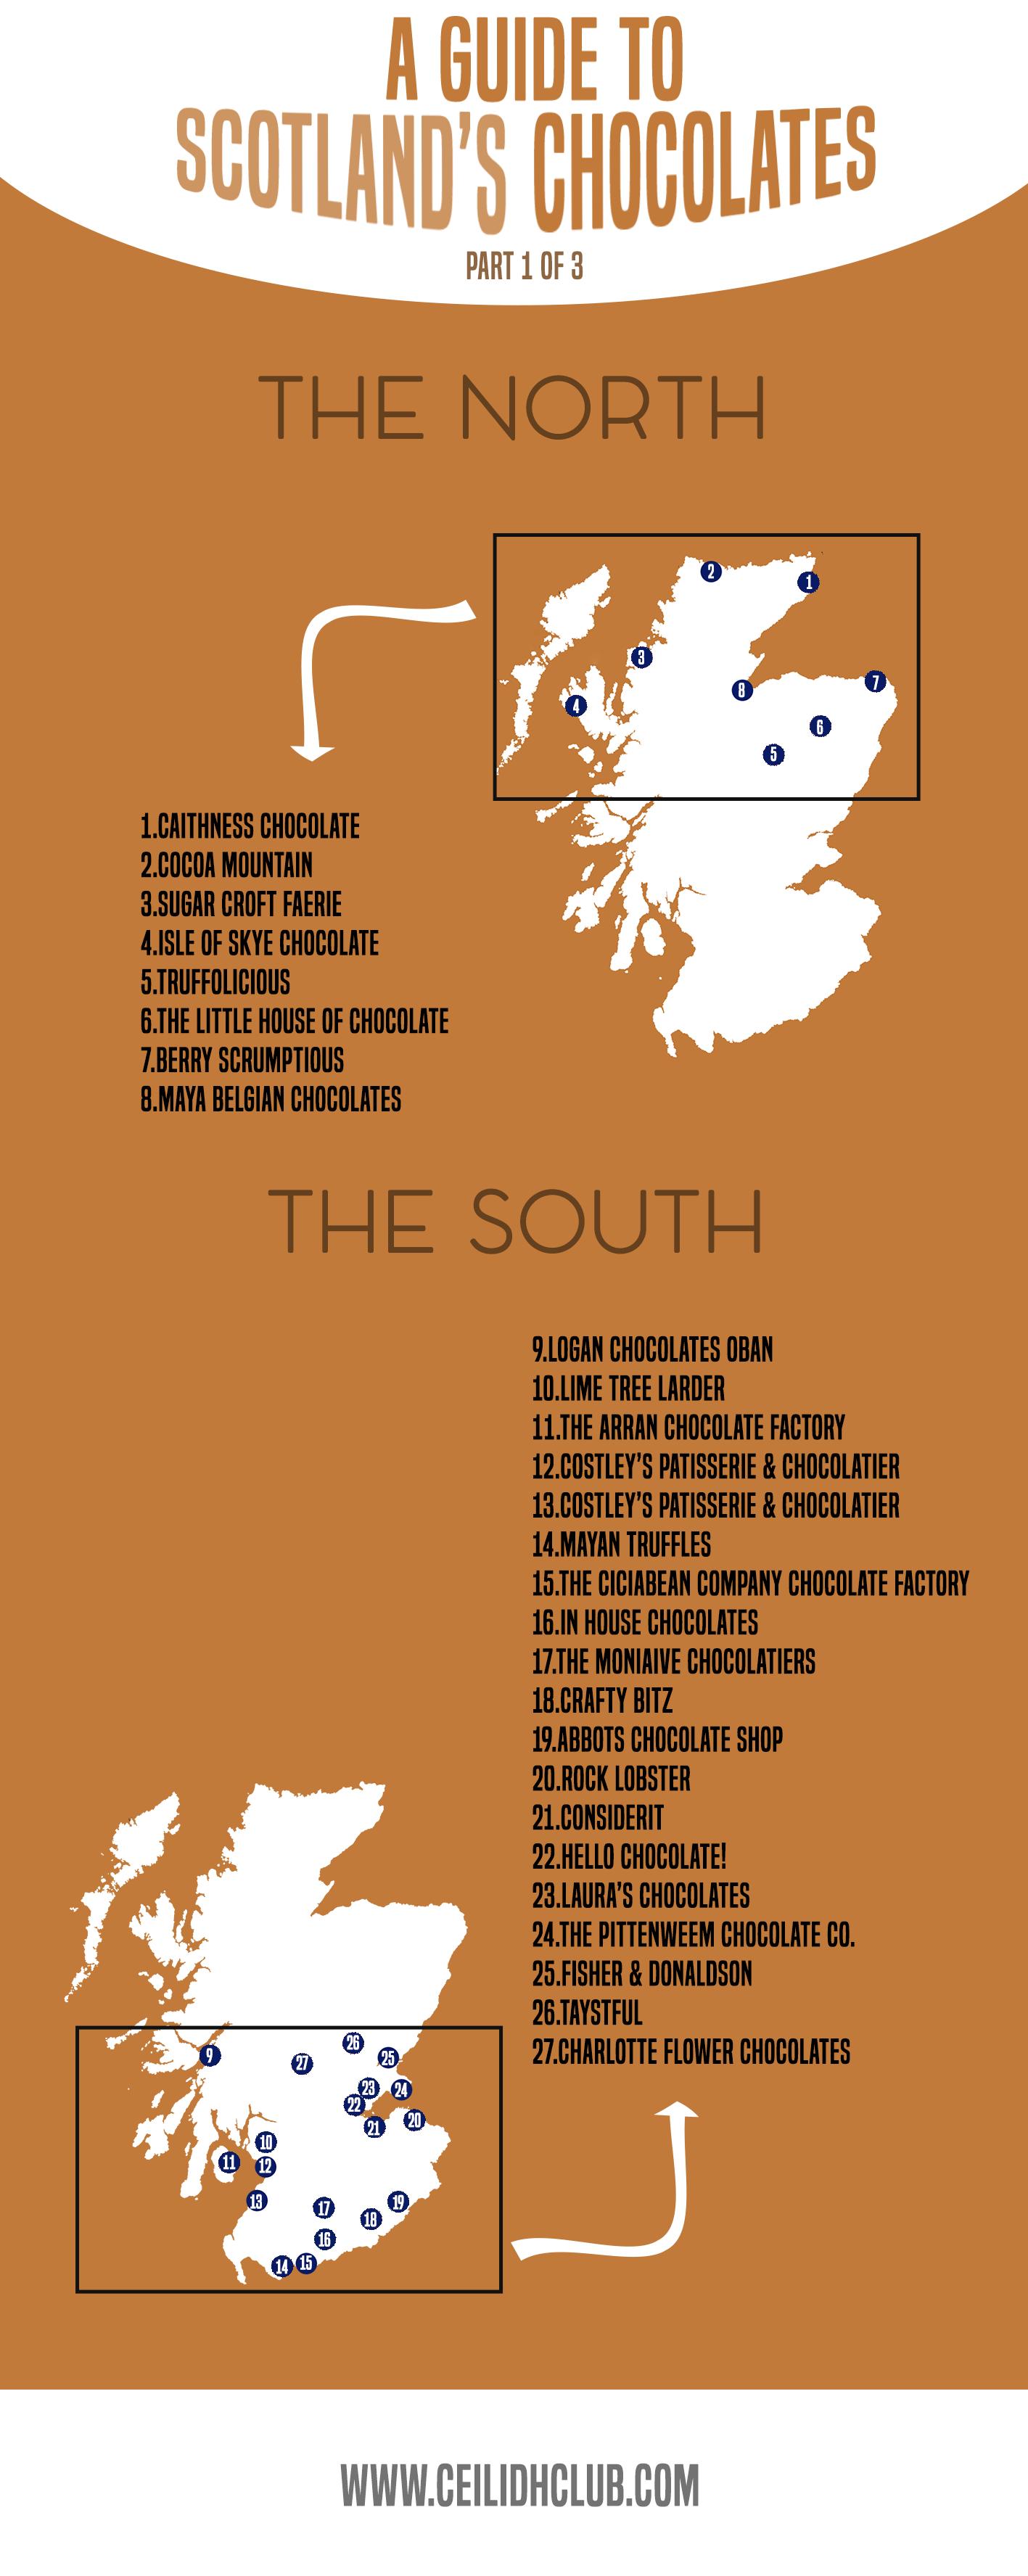 Scottish chocolate